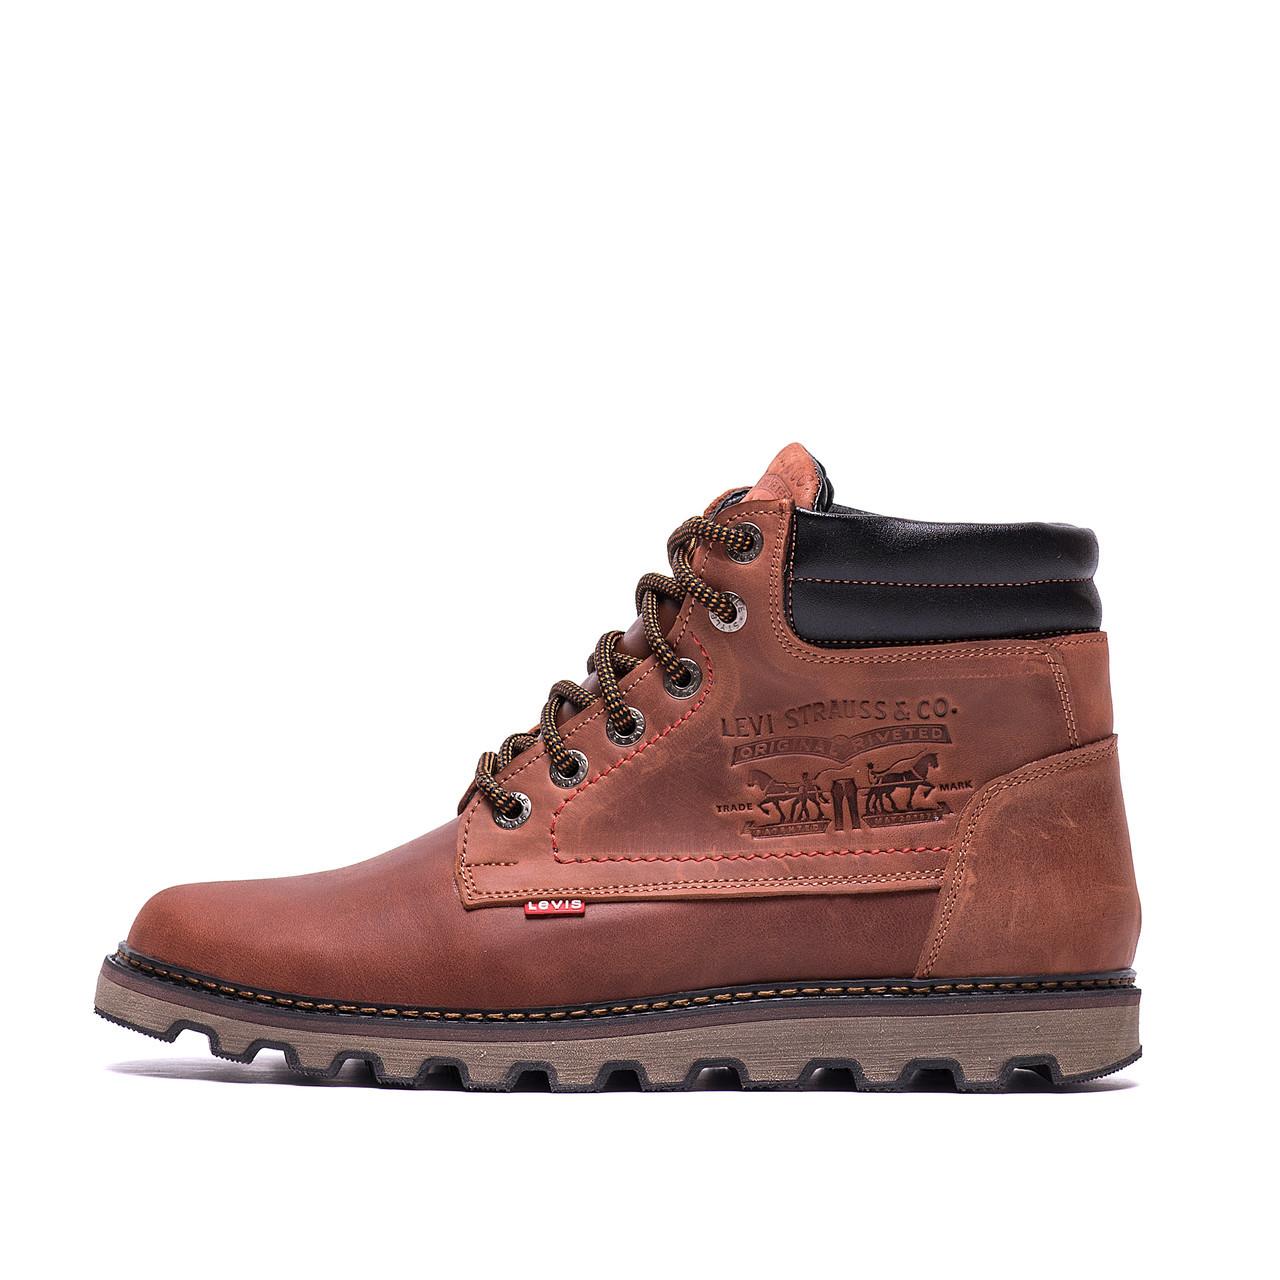 Чоловічі зимові шкіряні черевики Levis Expensive Fox р. 40 41 42 43 44